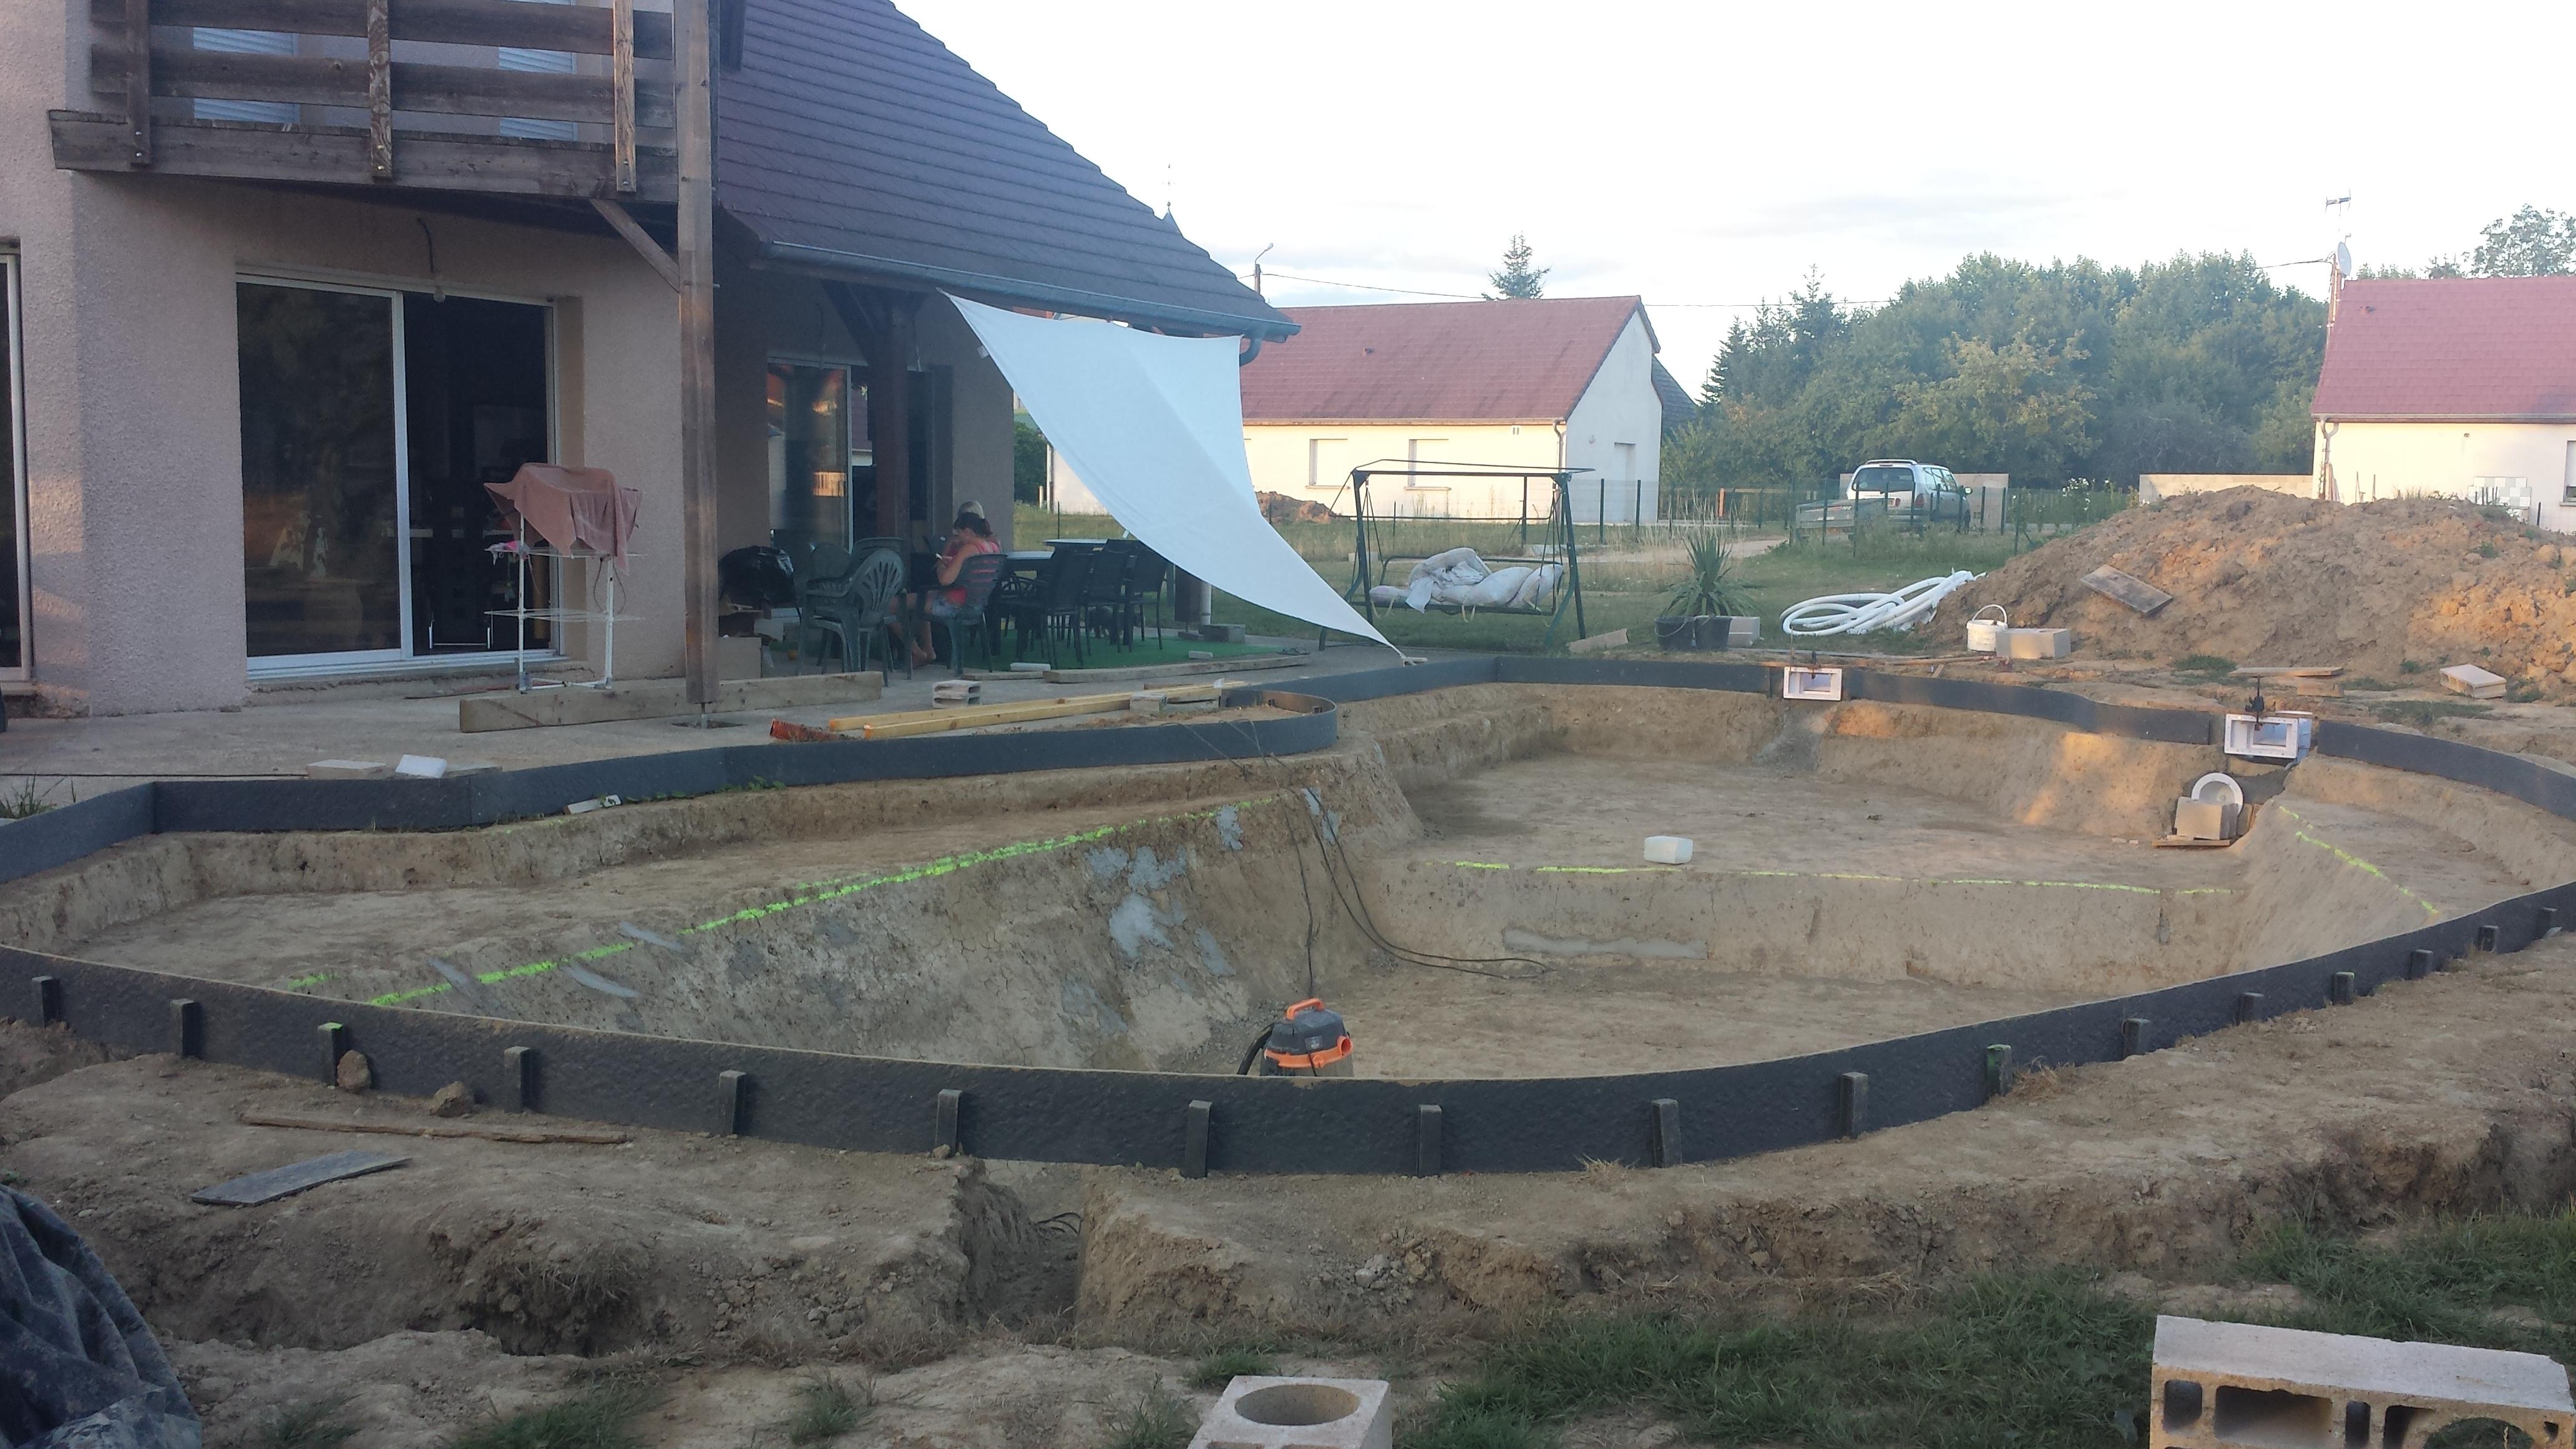 Bassin De Baignade Autoconstruction auto construction piscine sur terre   piscines réalisations